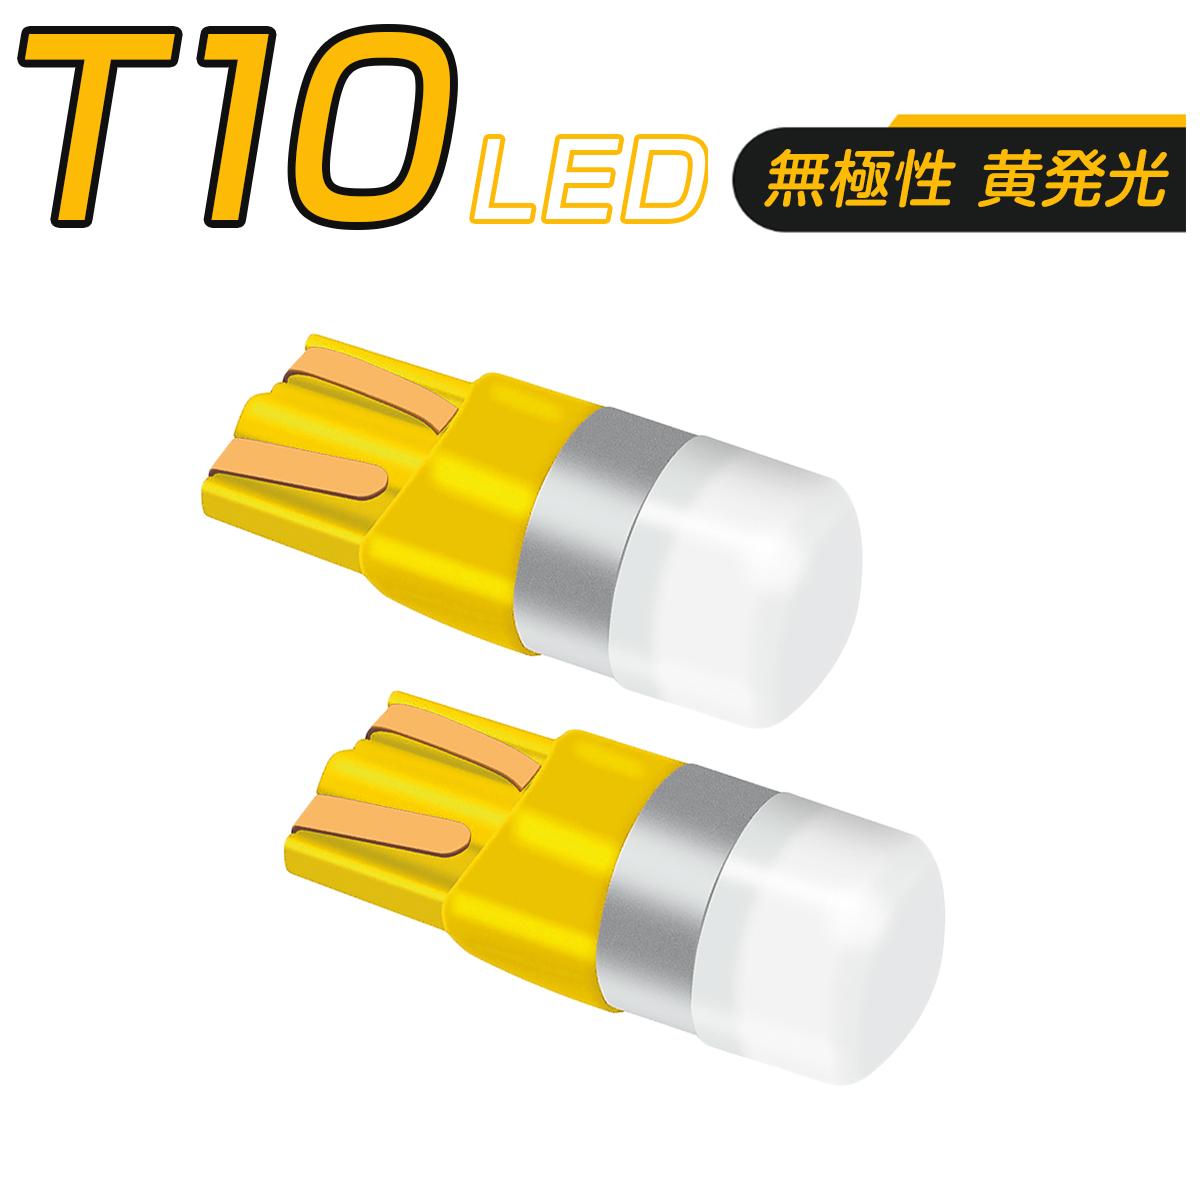 LED 黄 T10 T13 T15 T16 キャンセラー付き 150LM 12V/24V 無極性 2個セット 外車対応 SDM便送料無料 3ヶ月保証